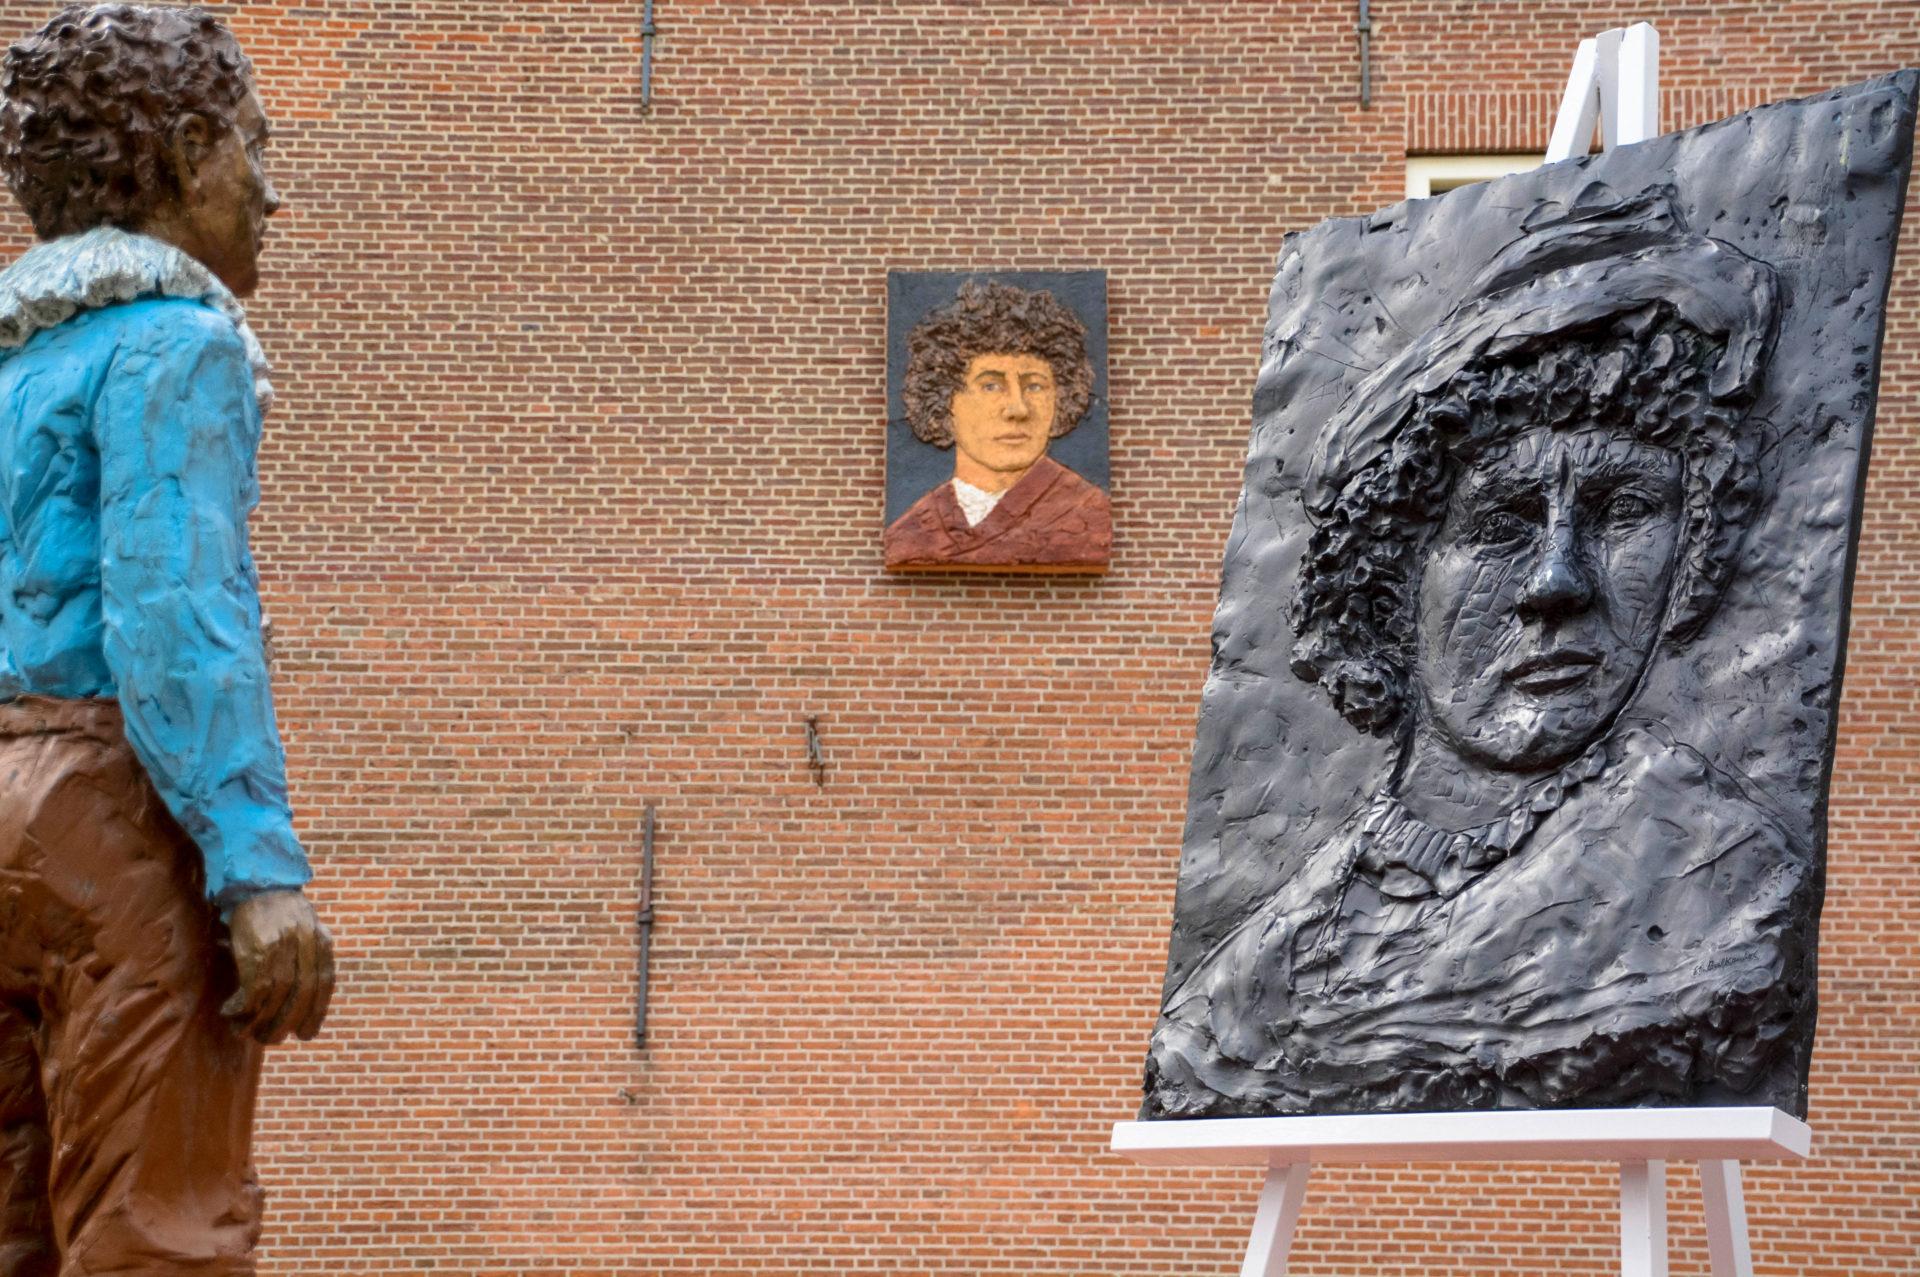 Rembrandt Denkmal, Giebelstein und Gemälde in Leiden, der Geburtsstadt von Rembrandt van Rijn